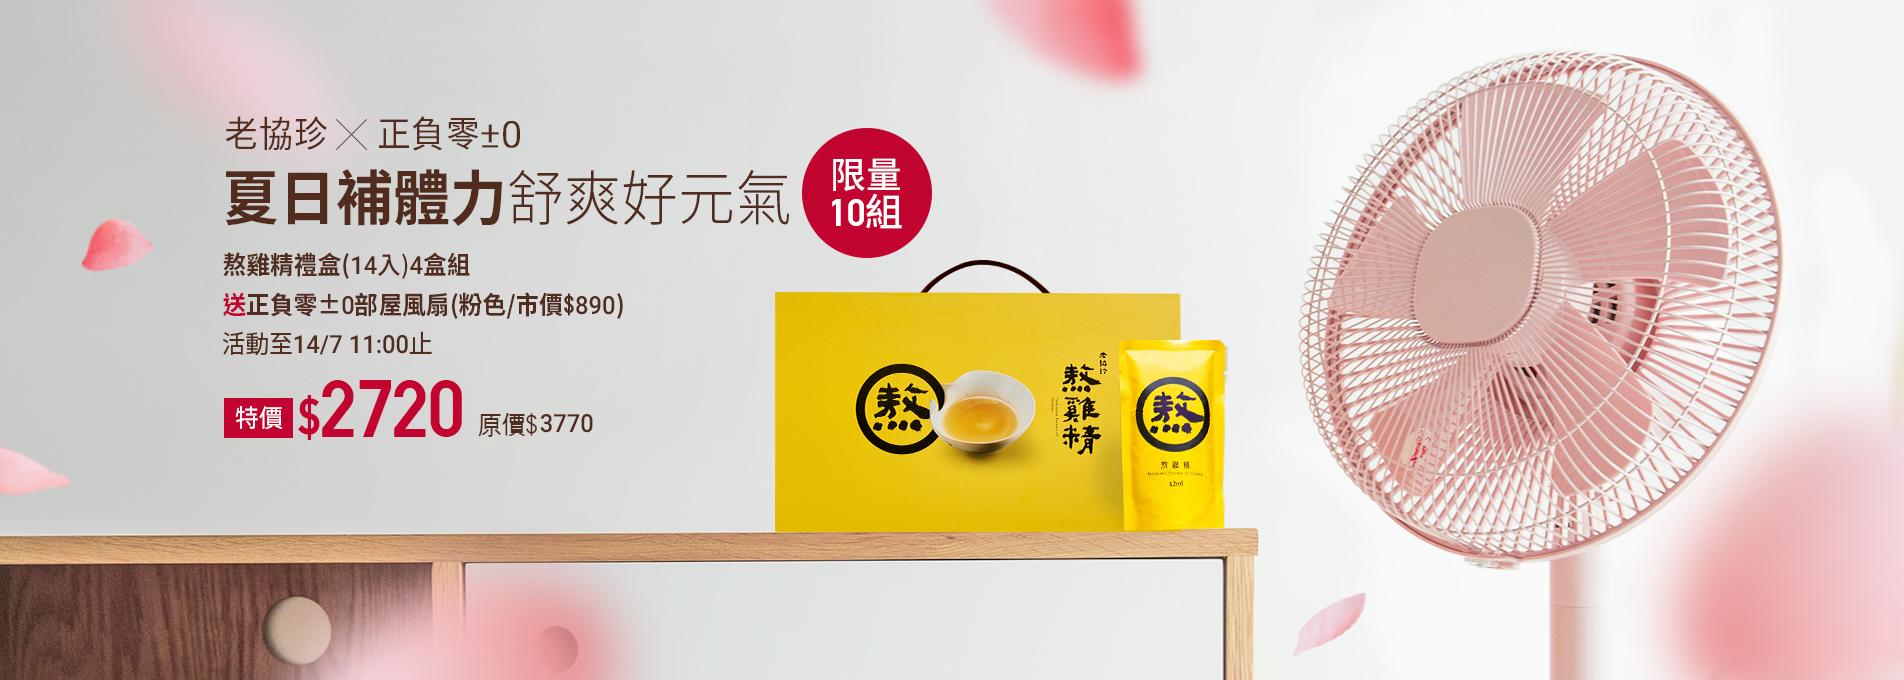 【2週年限定】熬雞精禮盒(14入)4盒組